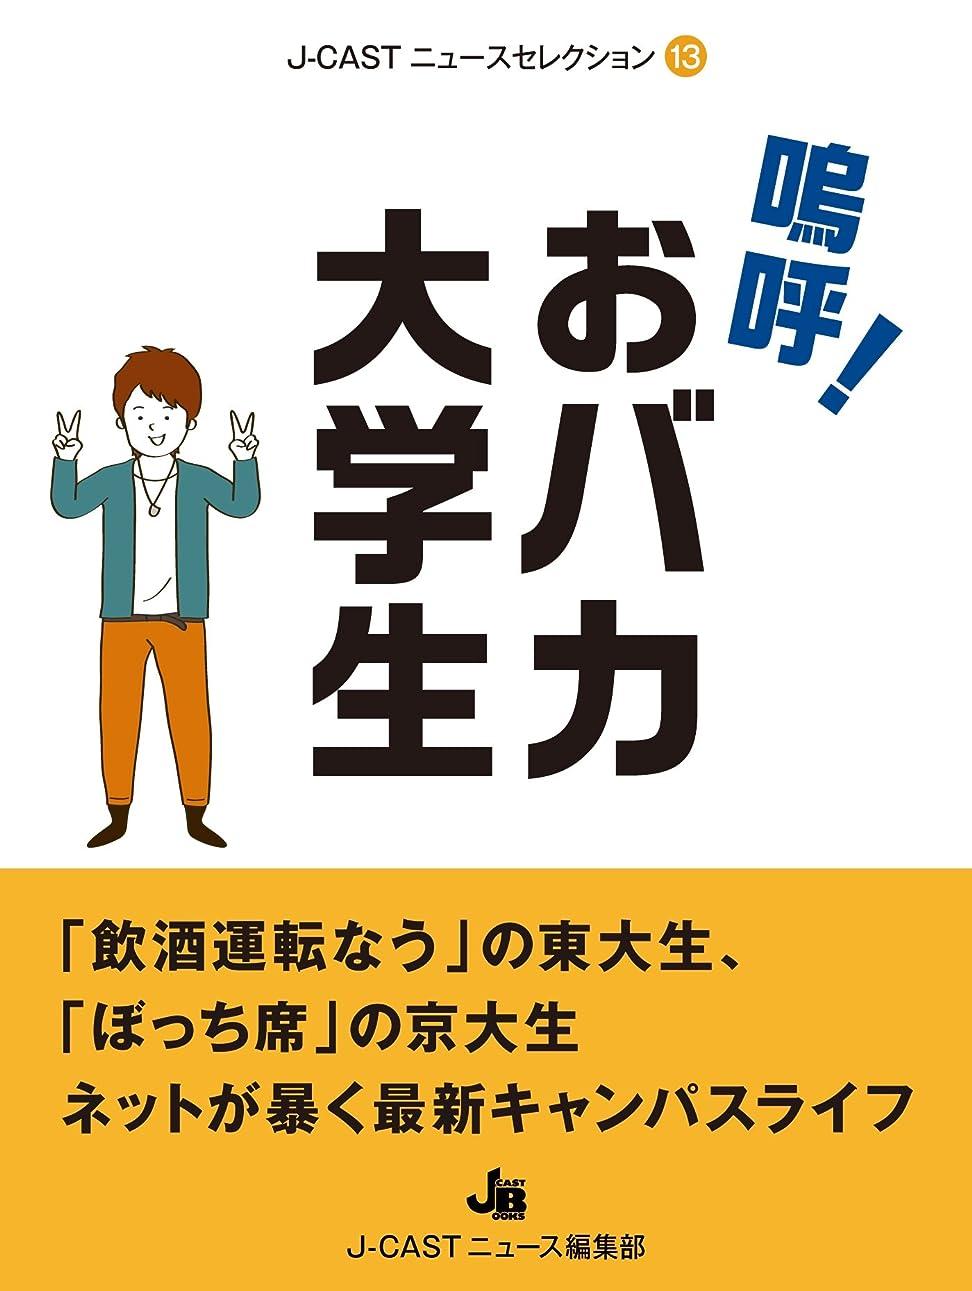 テレビ局設計フォーカス嗚呼!おバカ大学生